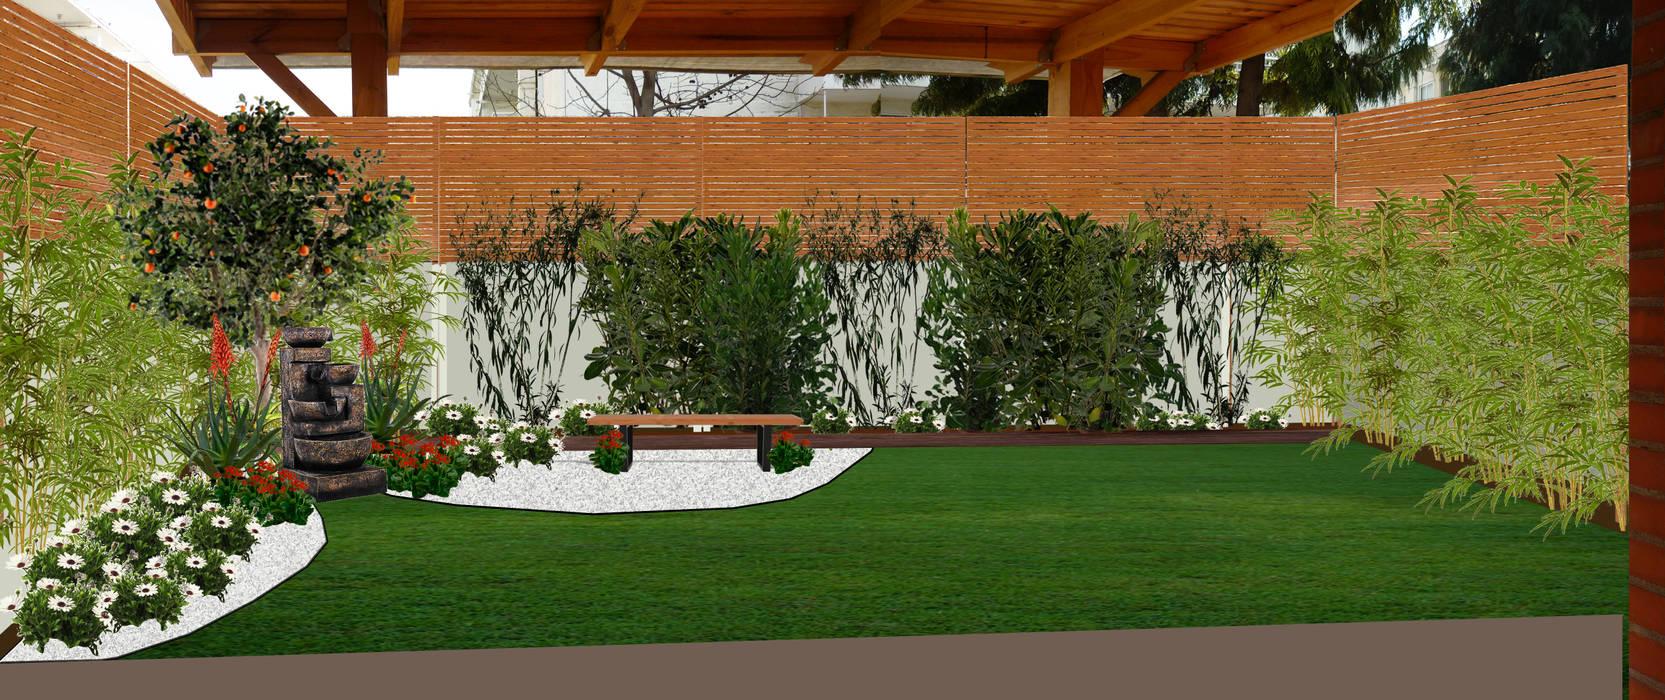 PROPUESTA DE DISEÑO- RENDER - IMAGEN FOTORREALISTA: Jardines de estilo  por HZ ARQUITECTOS SANTIAGO DISEÑO COCINAS JARDINES PAISAJISMO REMODELACIONES OBRA, Minimalista